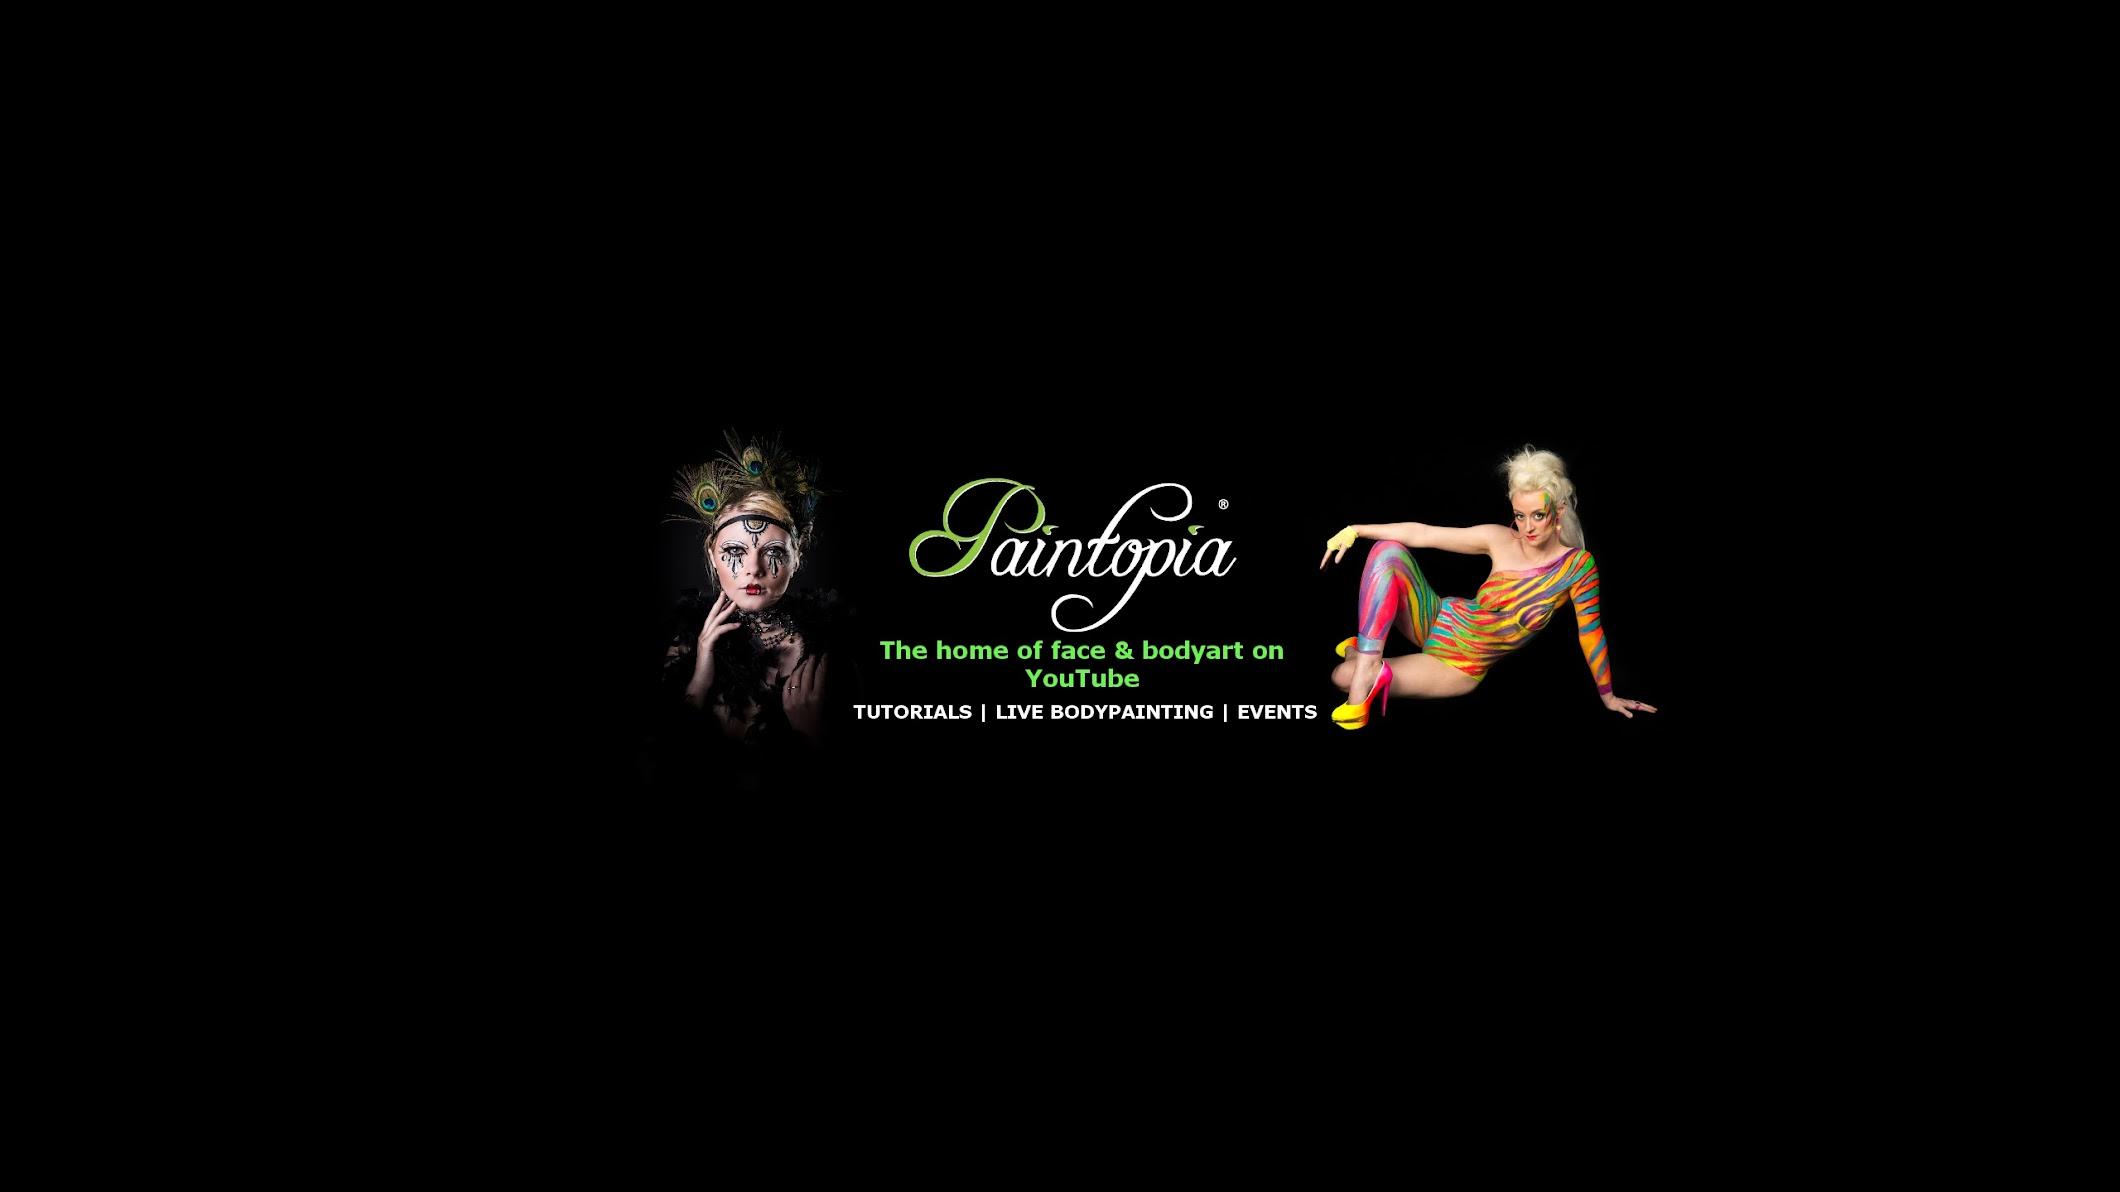 Paintopia Official